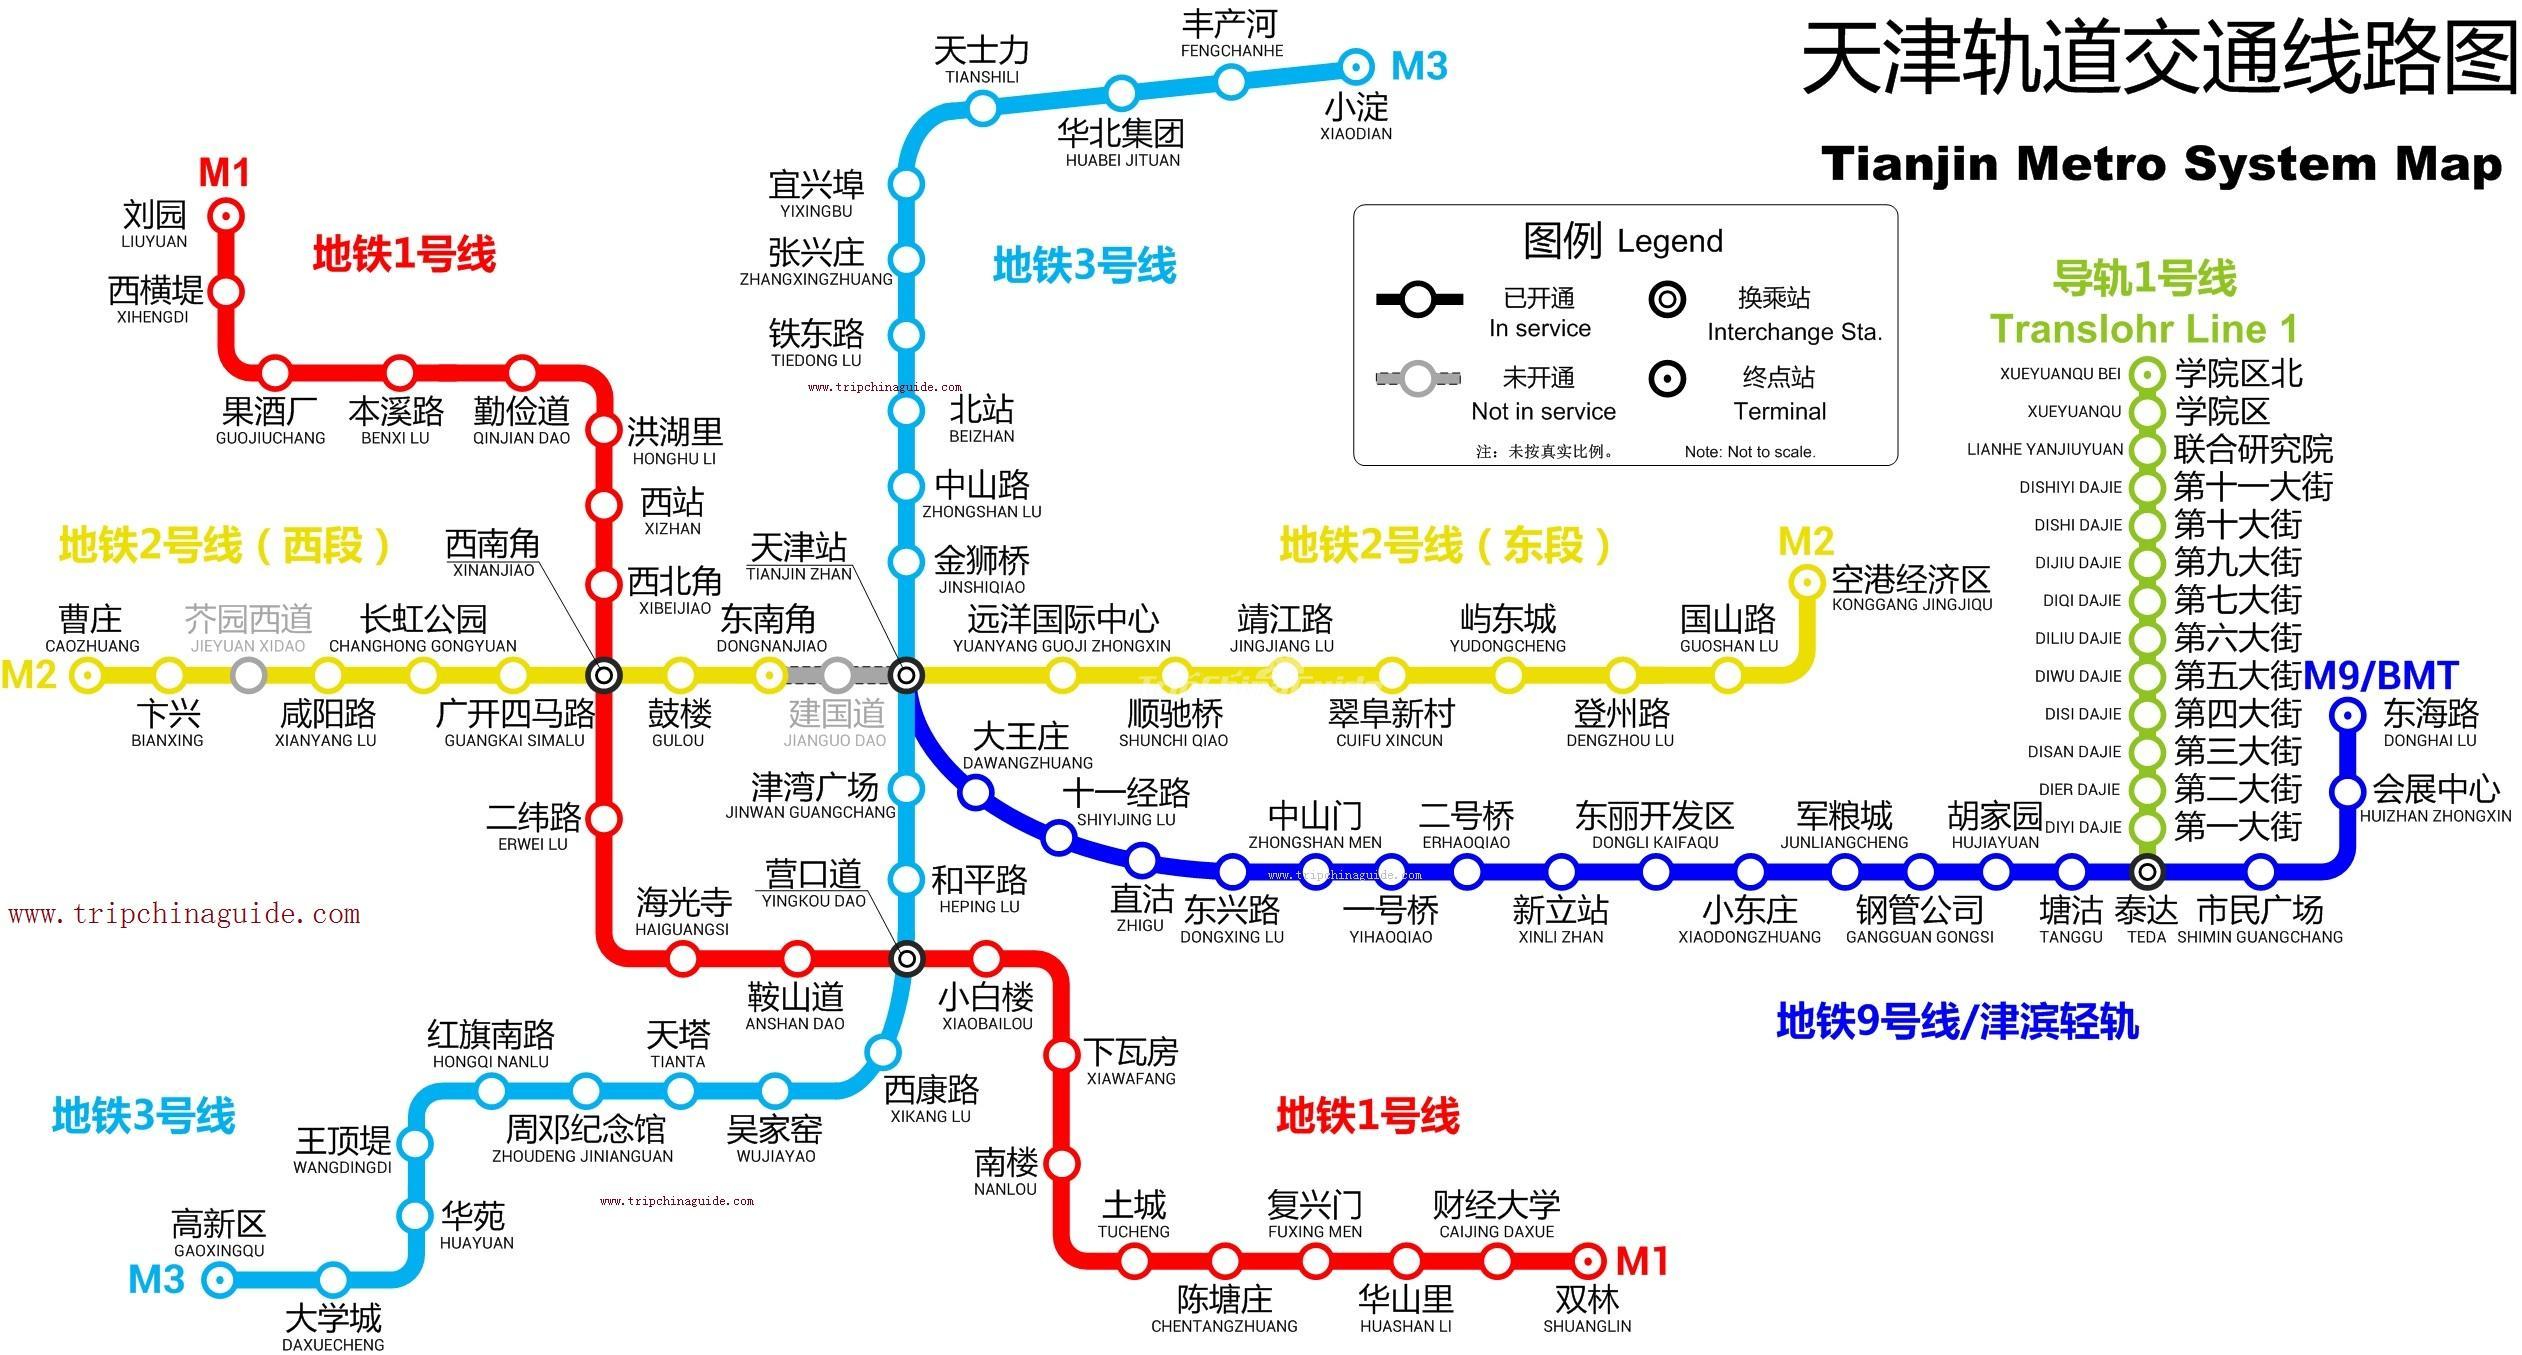 Tianjin Subway Map.Tianjin Metro System Map Maps Of Tianjin